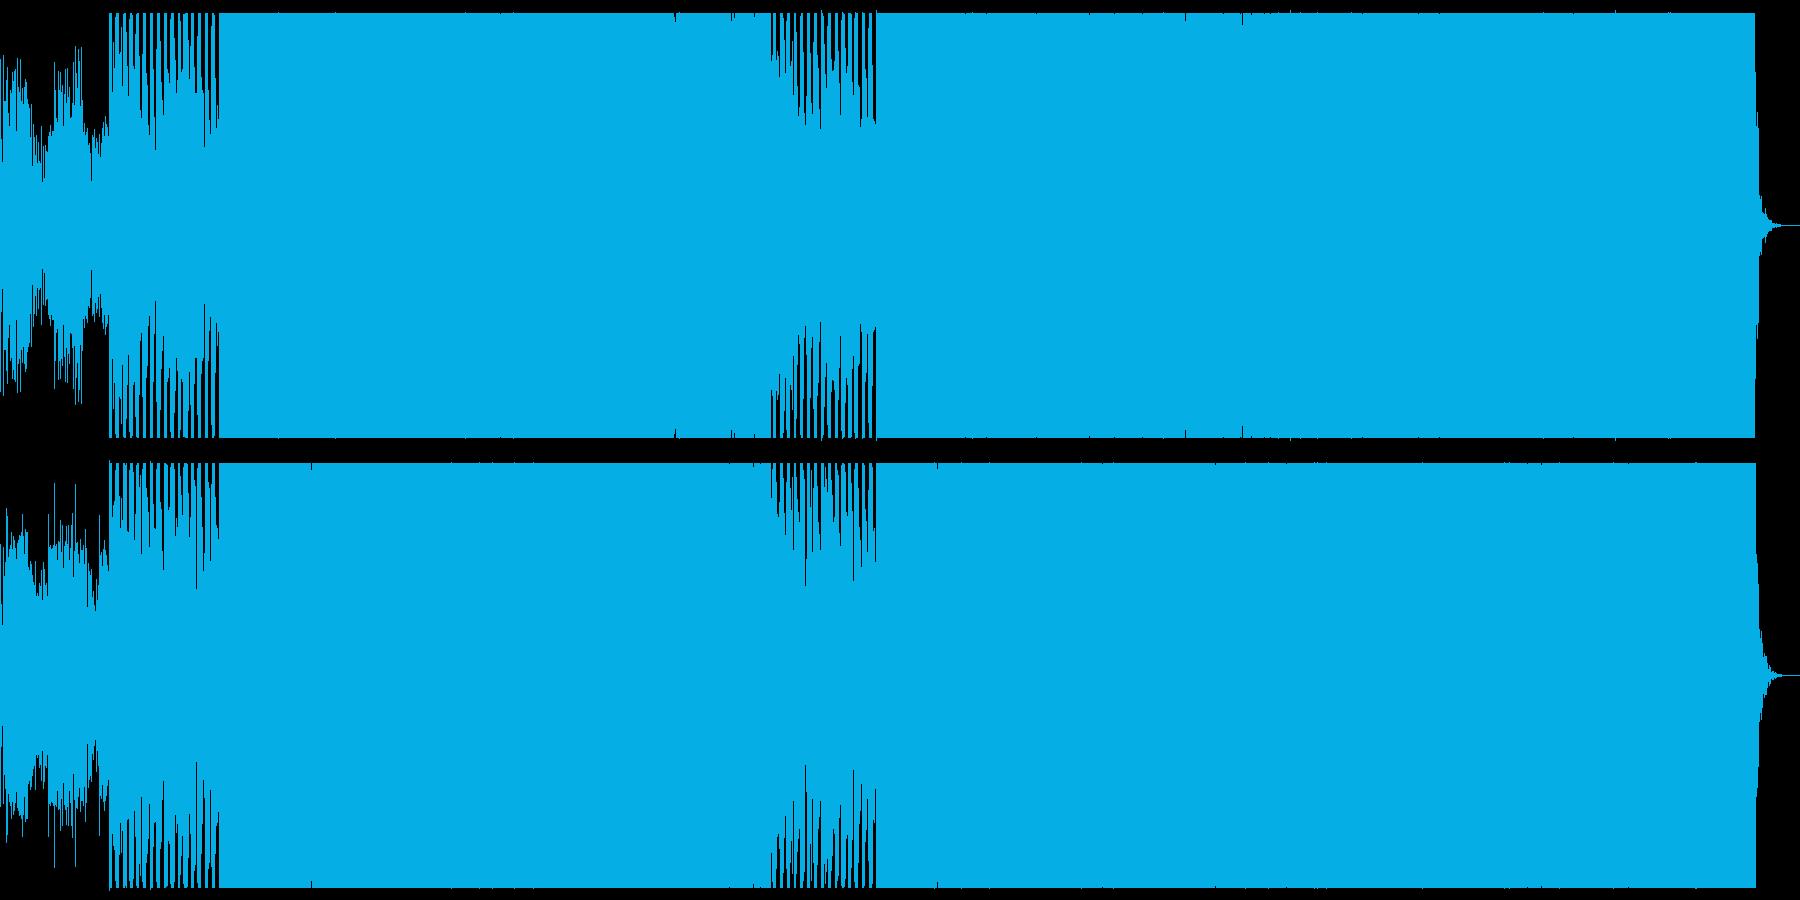 おじさんが聴いてはいけない音楽の再生済みの波形